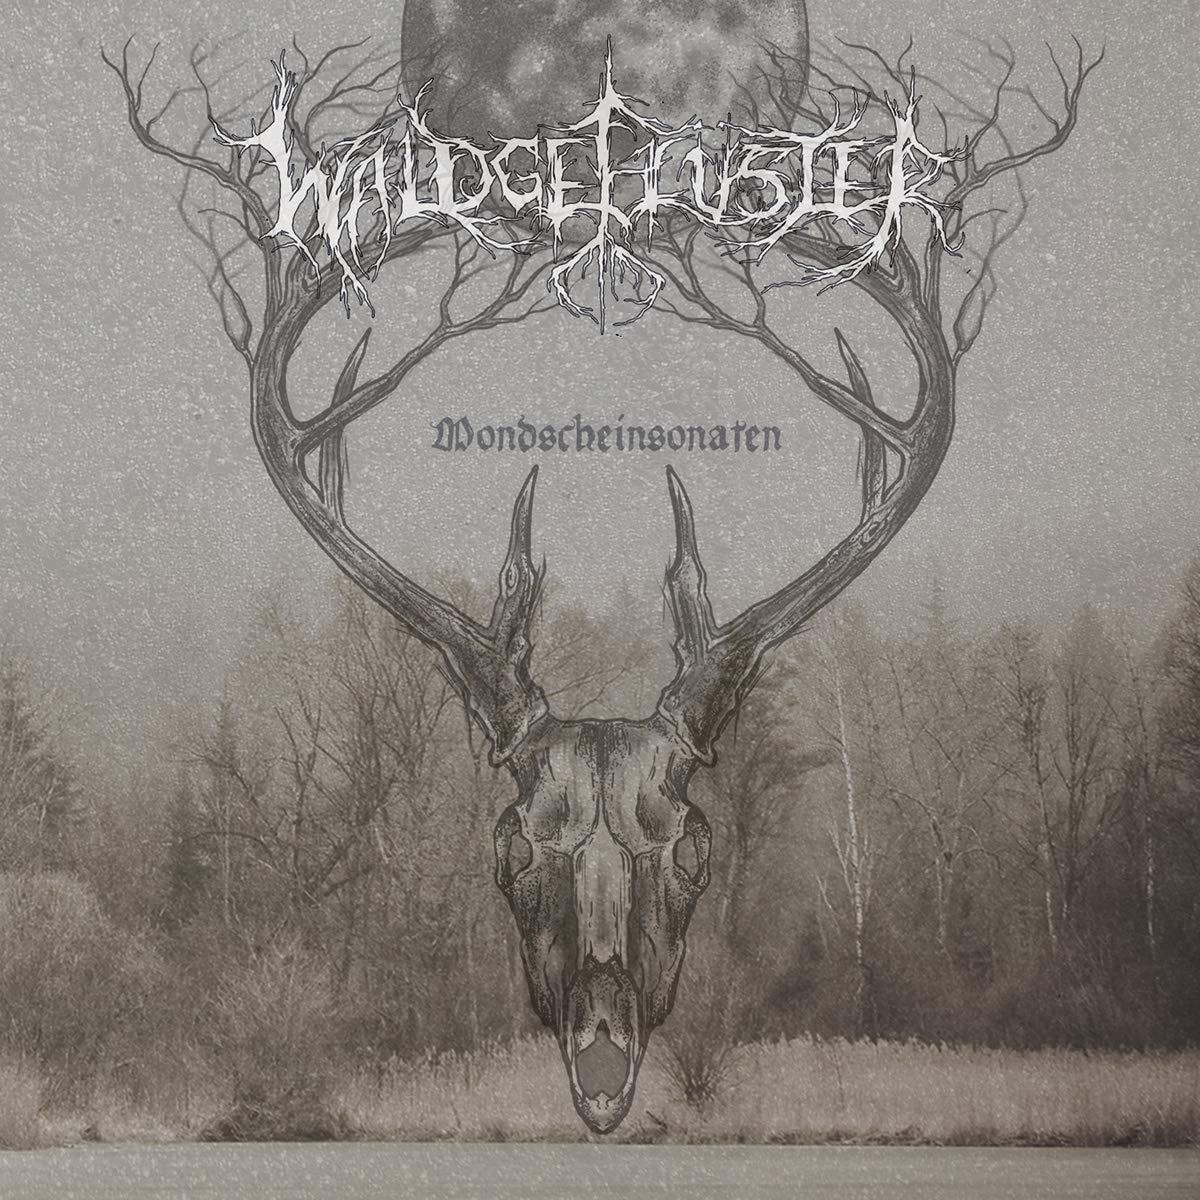 Vinilo : Waldgefluster - Mondscheinsonaten (LP Vinyl)